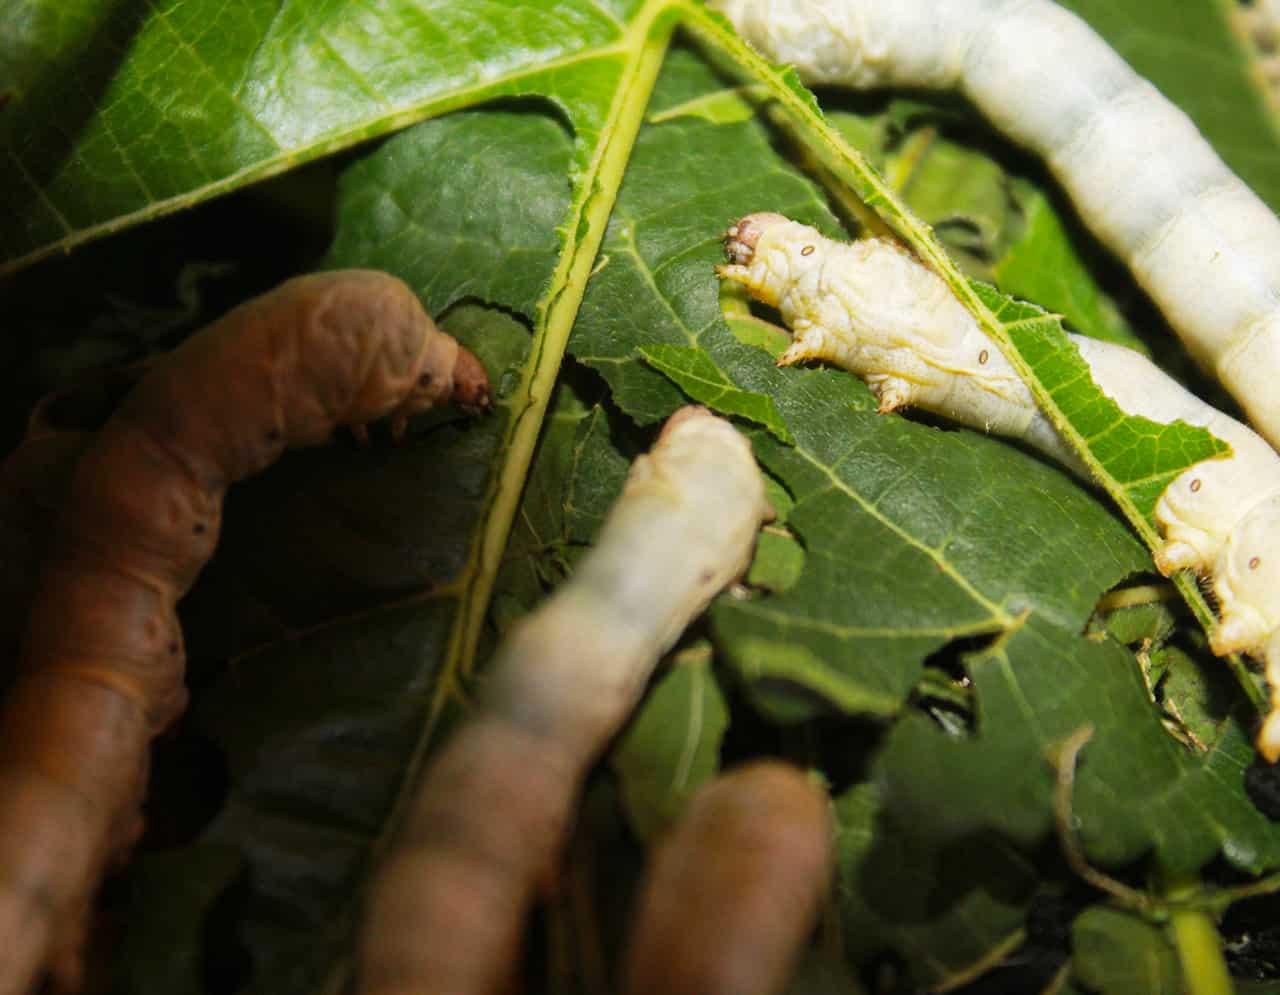 Silkworm Breeding and Feeding